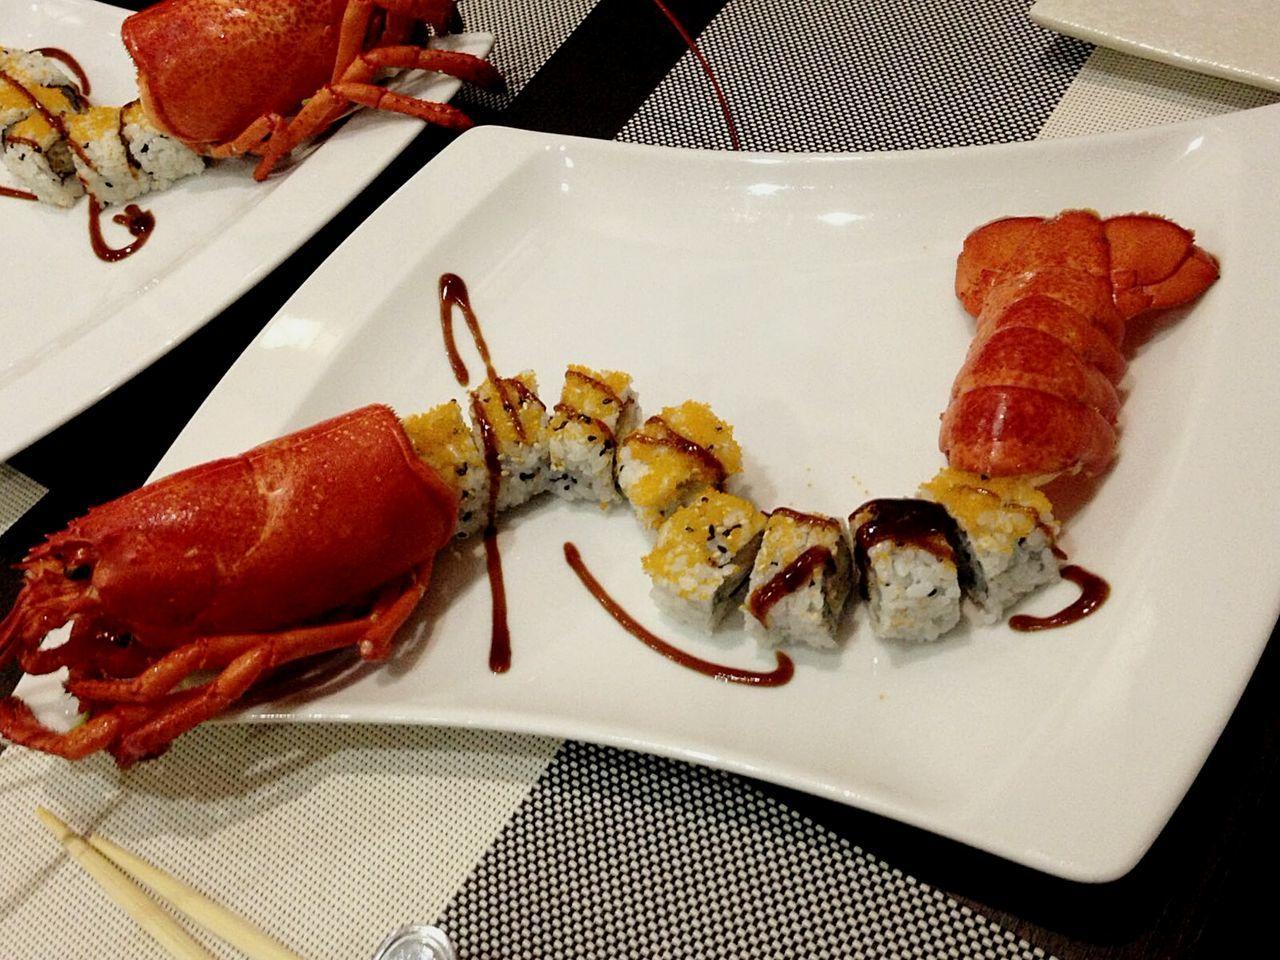 Sushi Animal Themes First Eyeem Photo Sushi Restaurant Sushi Love Sushiporn Sushinight